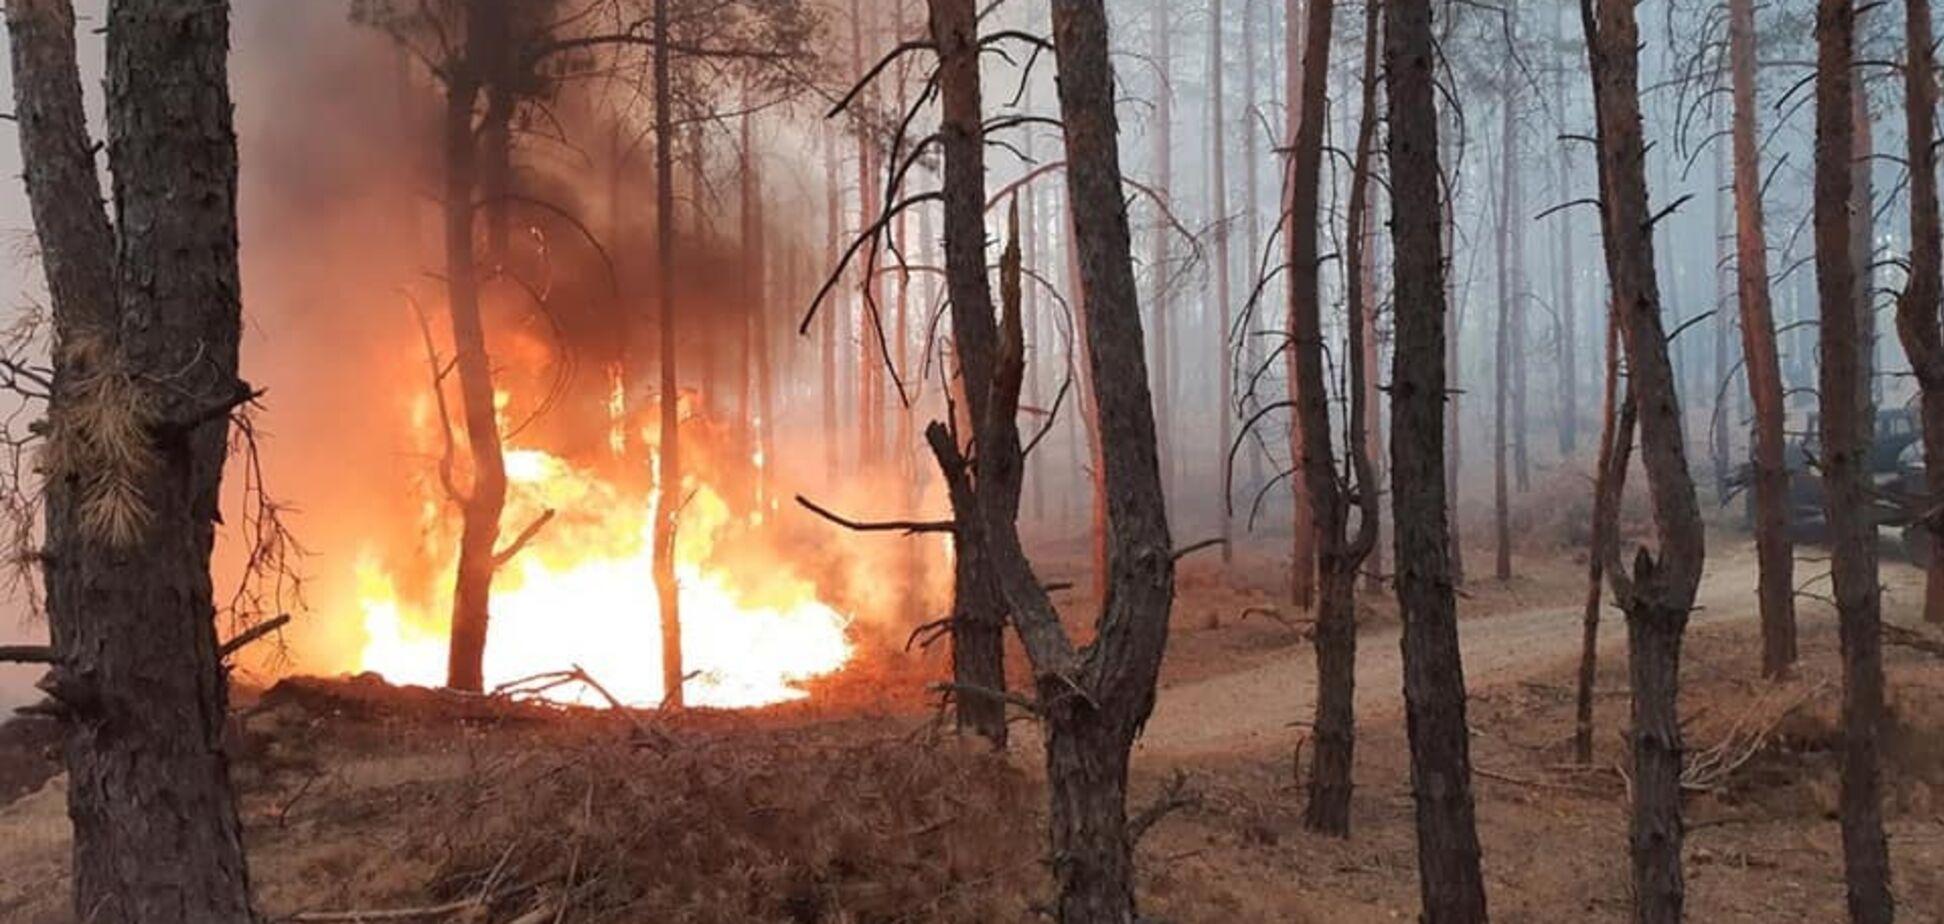 Під Дніпром спалахнула масштабна лісова пожежа. Фото